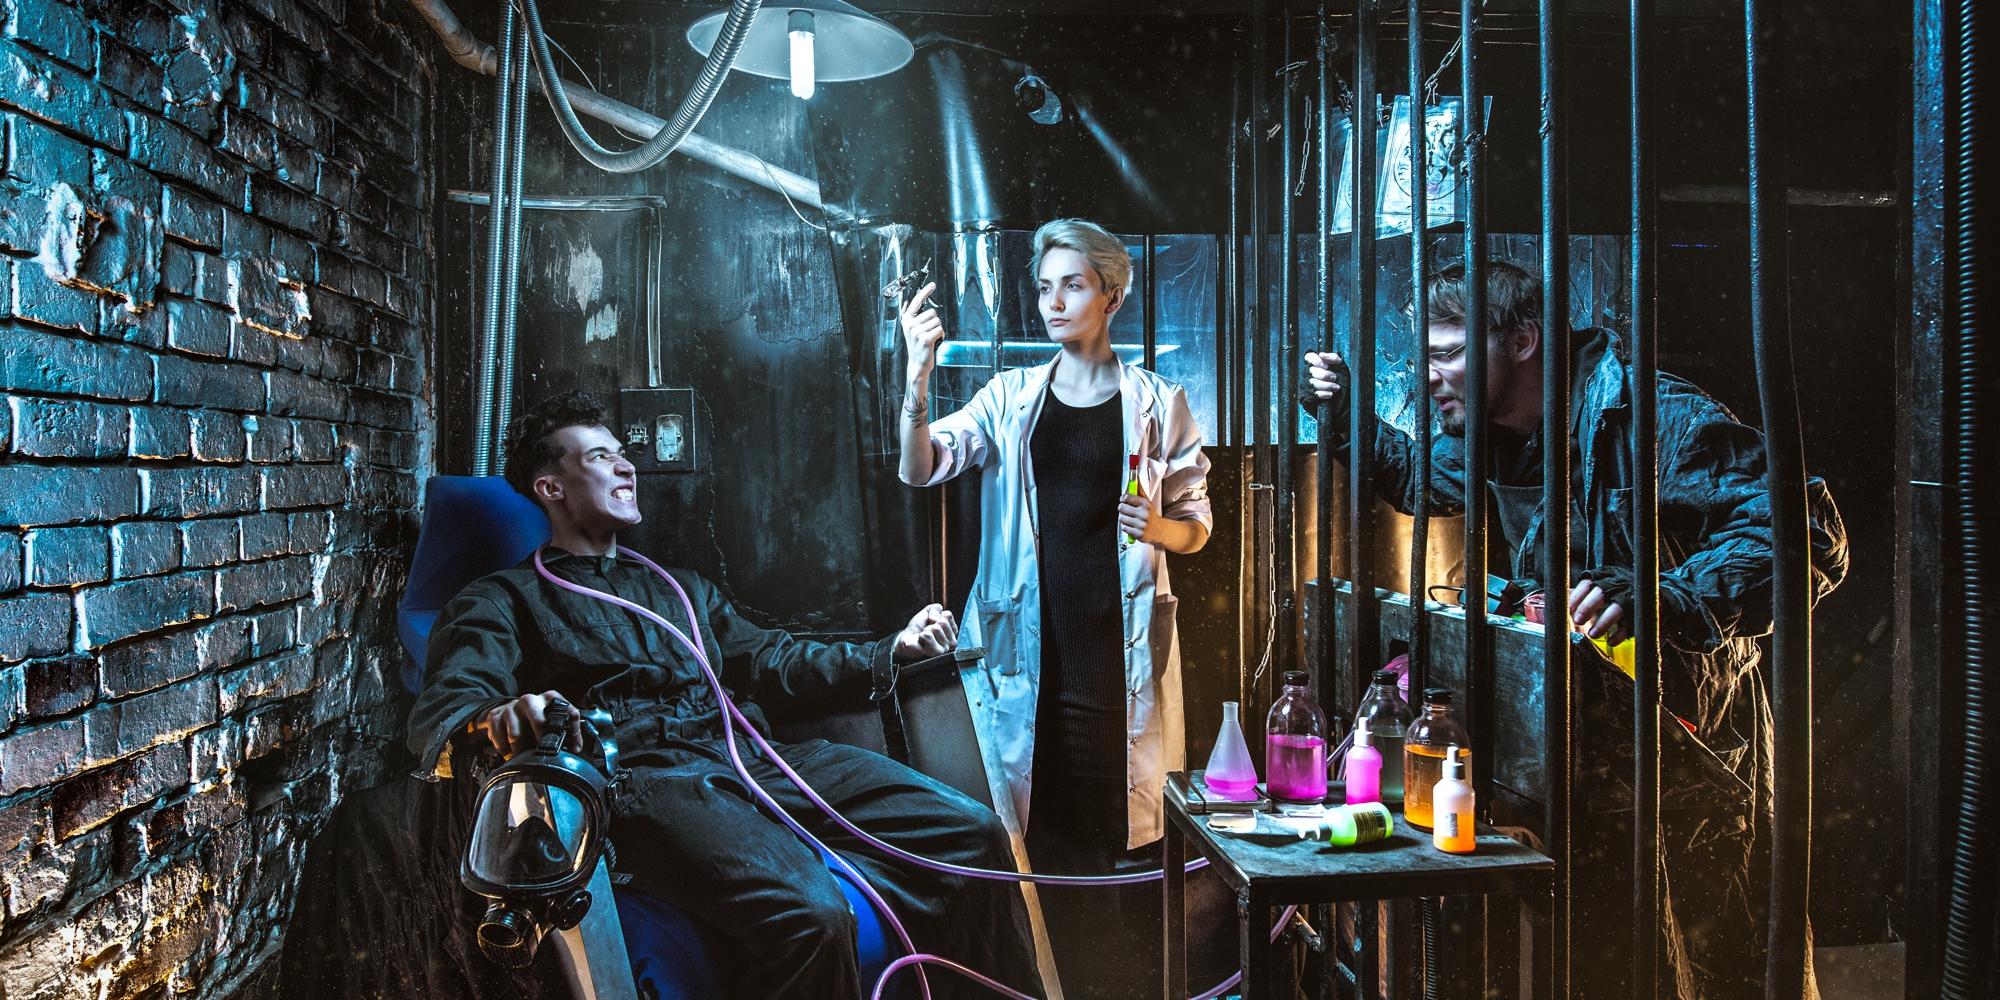 Квест с актерами в Москве Дивергент. Этап: фильтрация